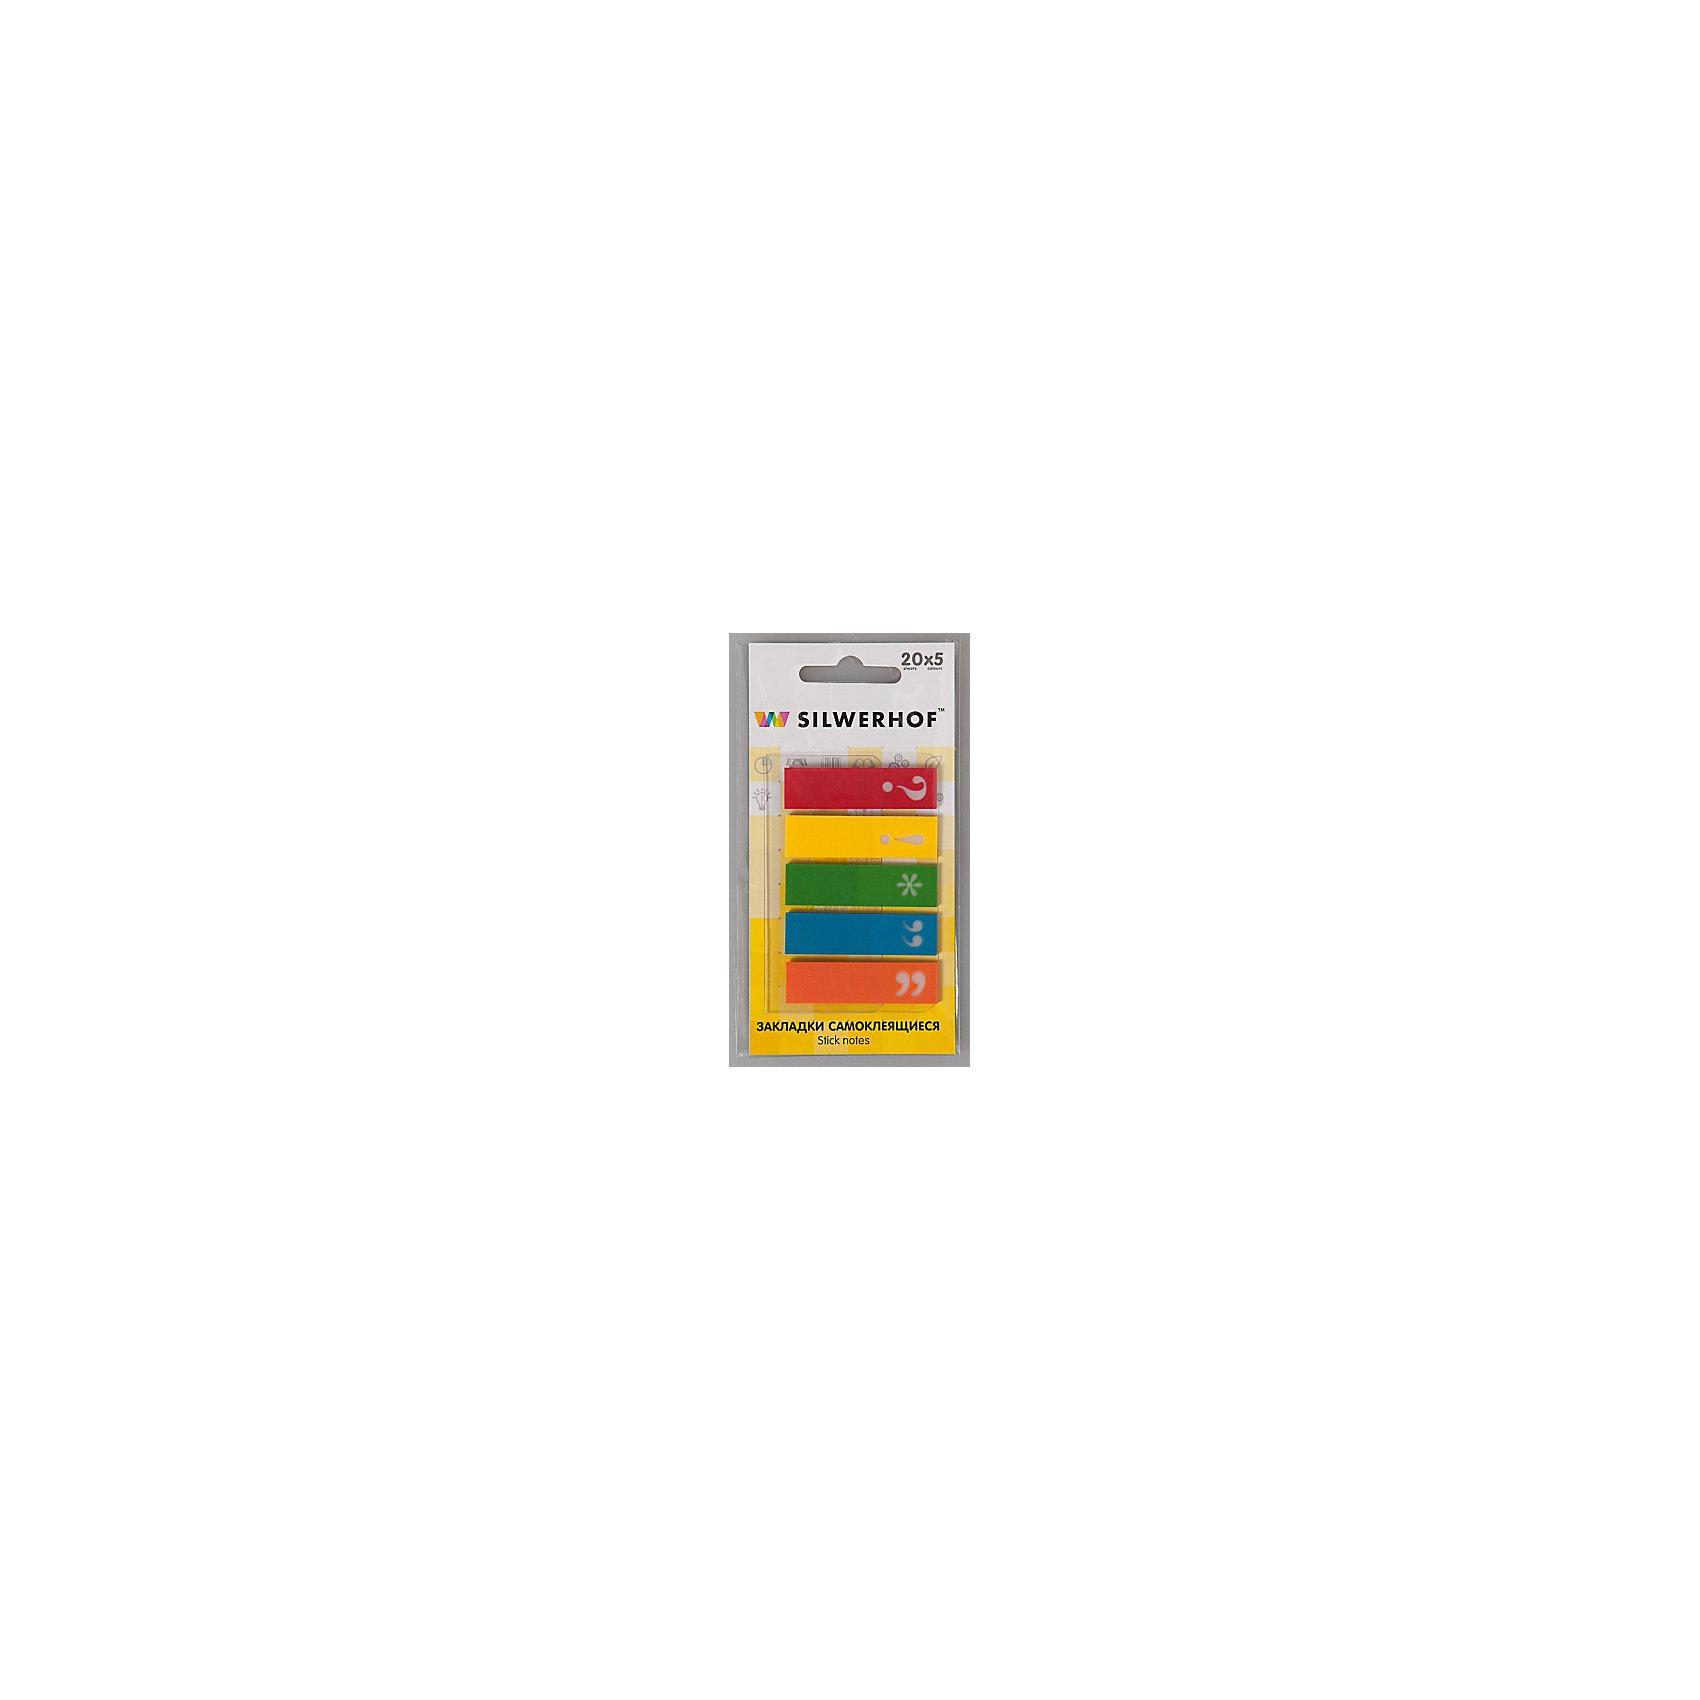 Silwerhof Закладки самоклеящиеся пластиковые Знаки препинания, 5 цветов.Школьные аксессуары<br>Пластиковые закладки  с рисунком Знаки препинания для быстрого поиска нужной страницы, на которых можно легко наносить надписи шариковой ручкой. Закладки удаляются, не оставляя следов клея и не повреждая бумагу. Подходят для многоразового использования. Размер 12х45 мм, склейки по 20 листов.<br><br>Ширина мм: 120<br>Глубина мм: 80<br>Высота мм: 5<br>Вес г: 9<br>Возраст от месяцев: 72<br>Возраст до месяцев: 2147483647<br>Пол: Унисекс<br>Возраст: Детский<br>SKU: 6725483